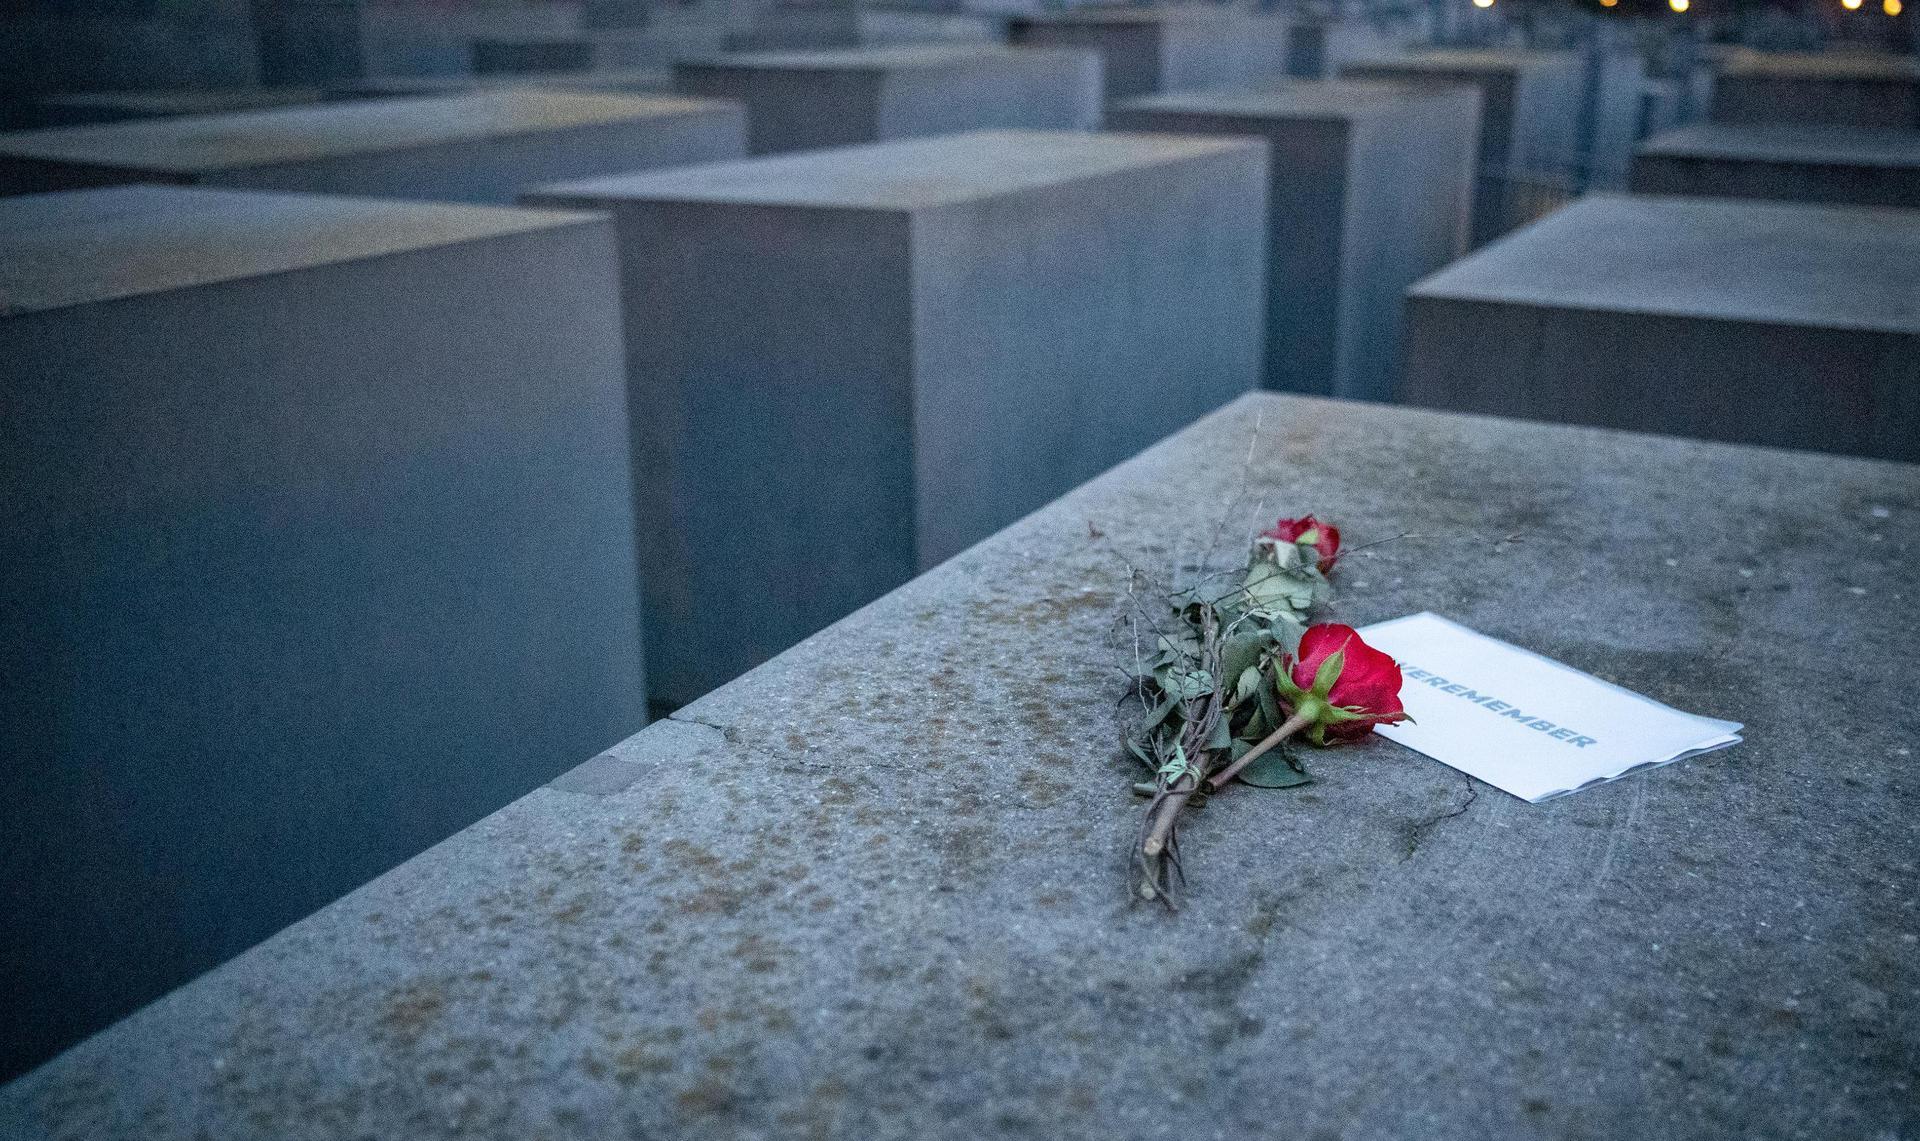 Grütters warnt vor Relativierung von NS-Verbrechen Holocaust-Gedenktag